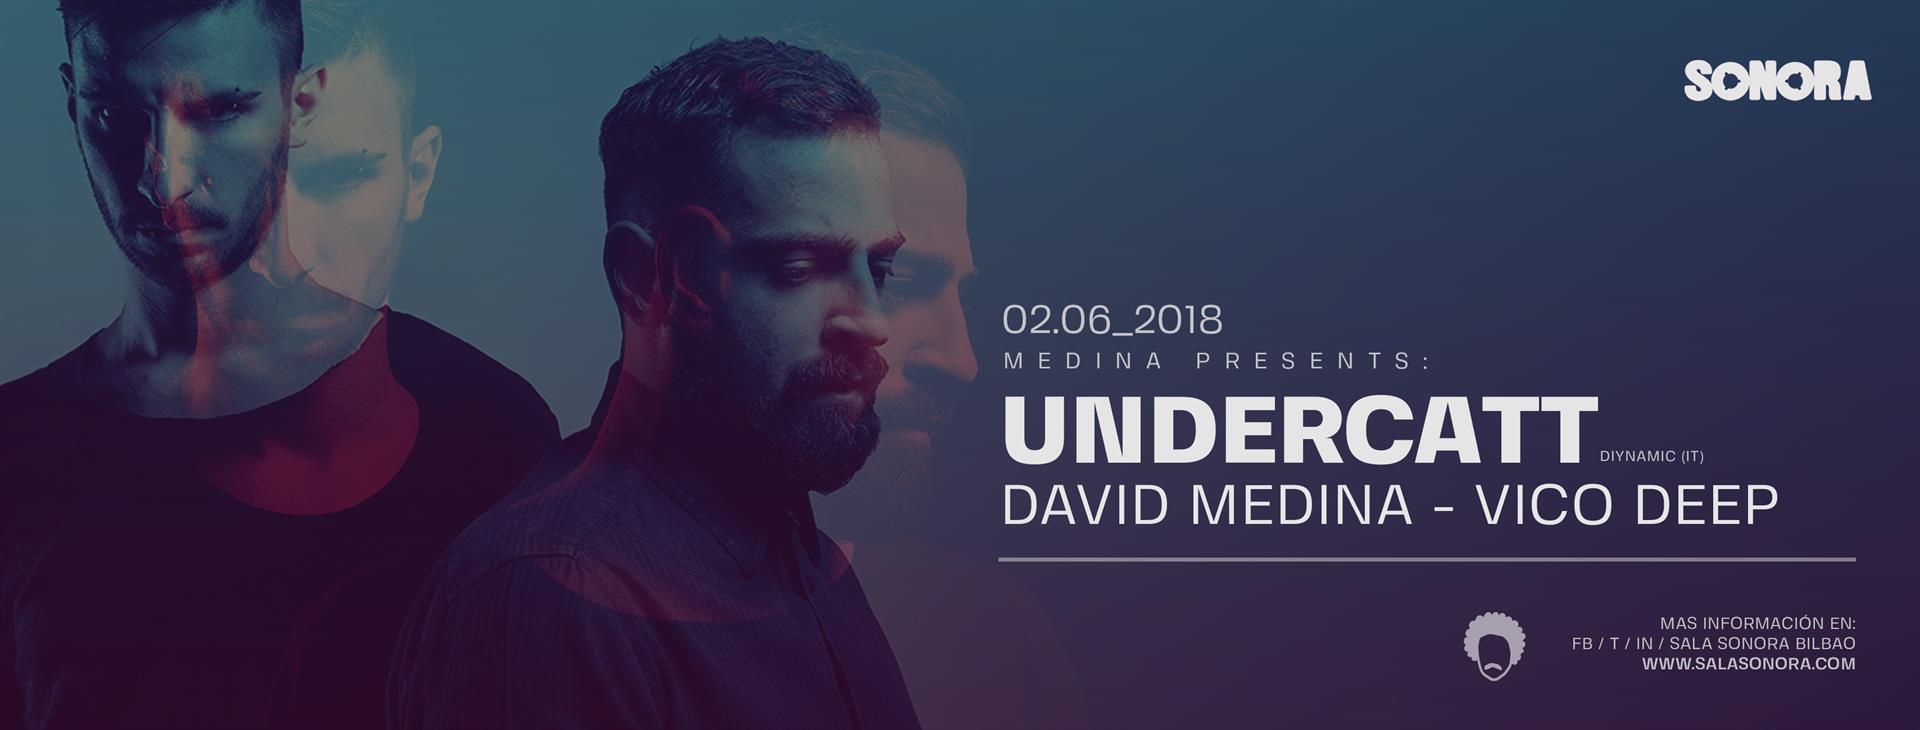 """Undercatt en la primera edición de """"Medina Presents"""", en Sala Sonora Bilbao."""